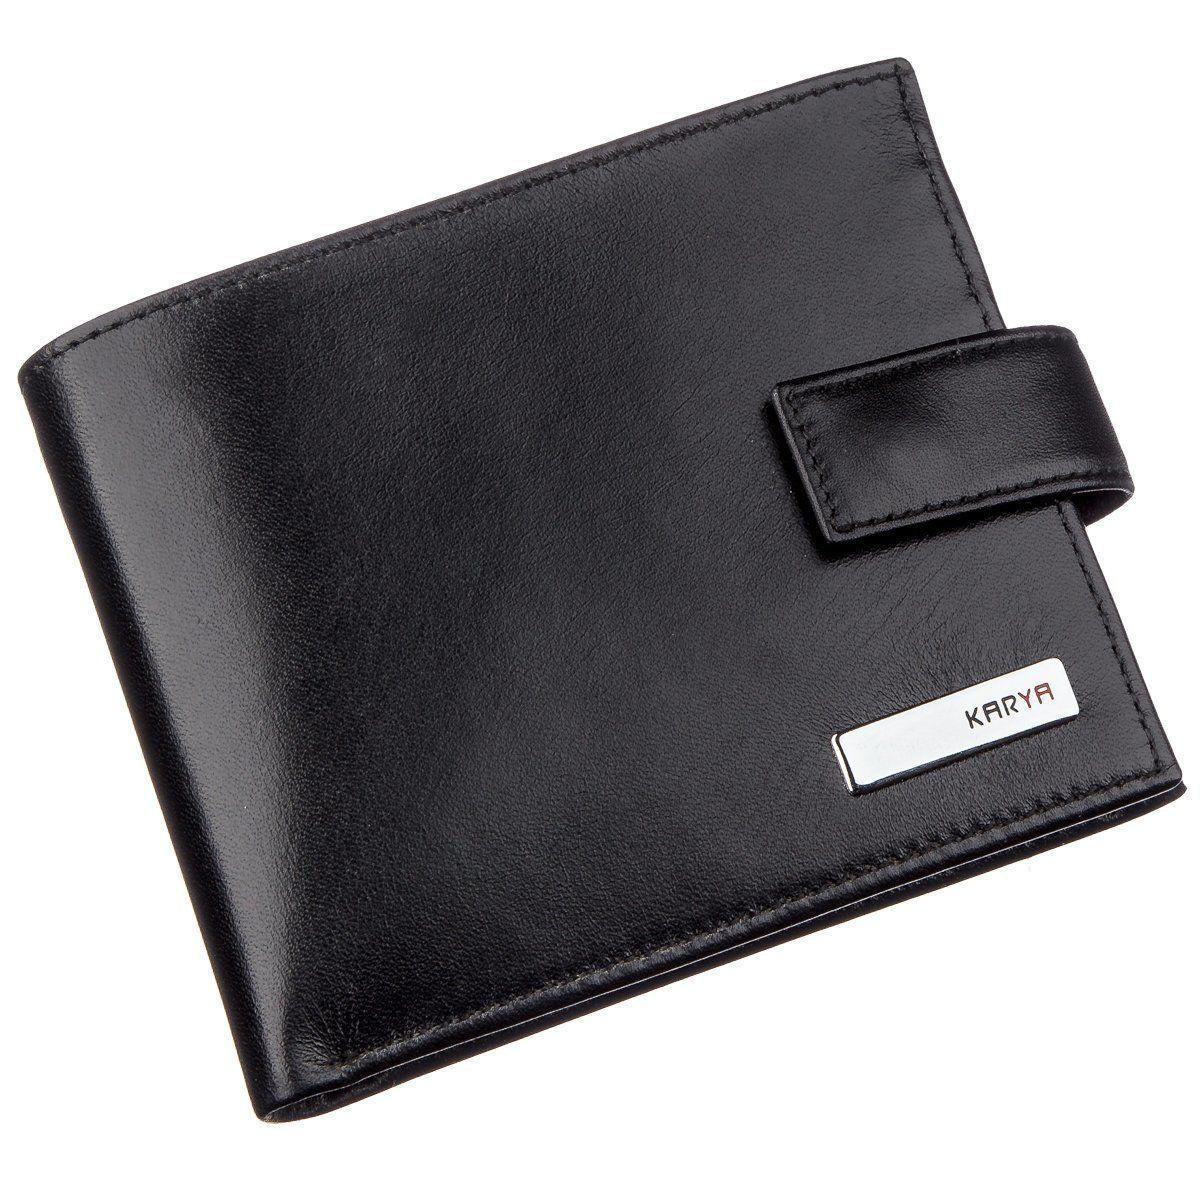 Чоловіче портмоне в гладкій шкірі з хлястиком KARYA 17375 Чорне, Чорний